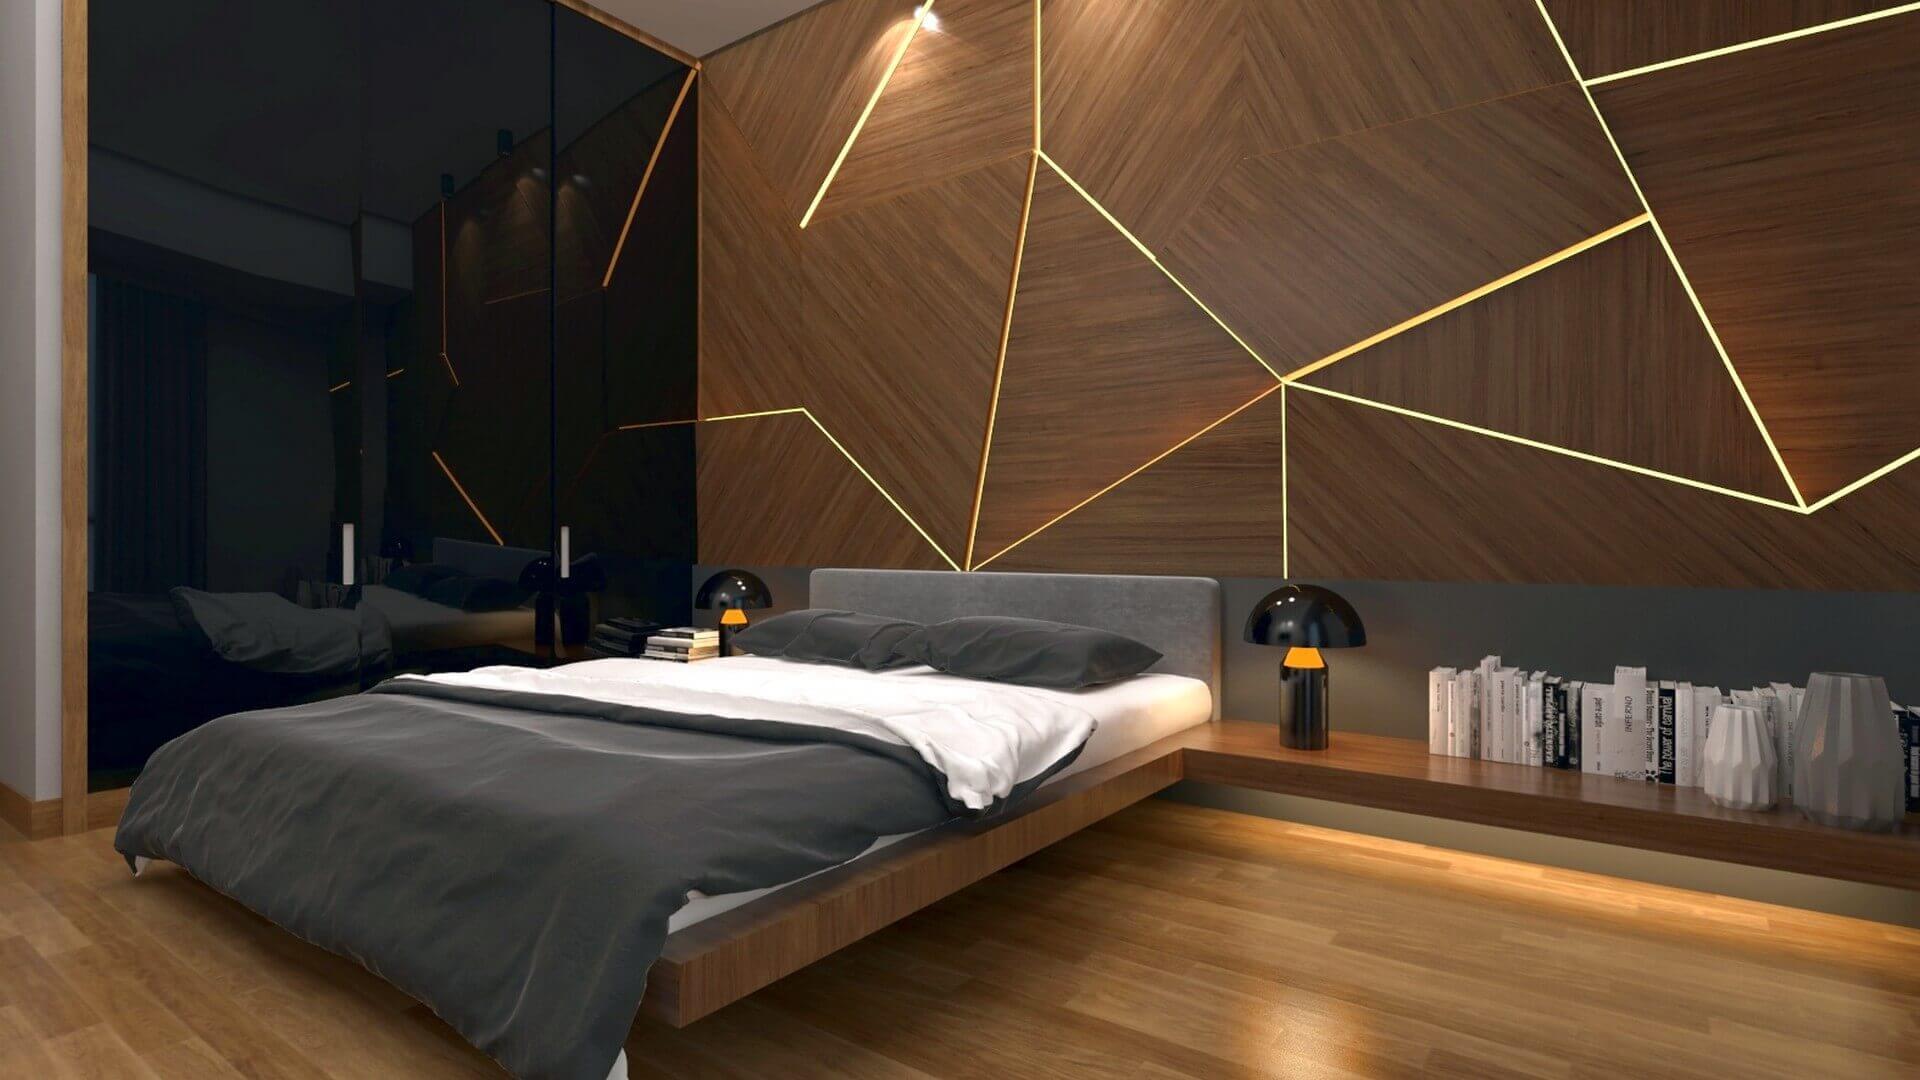 Villa tasarım 3281 UMG Dairesi Konutlar